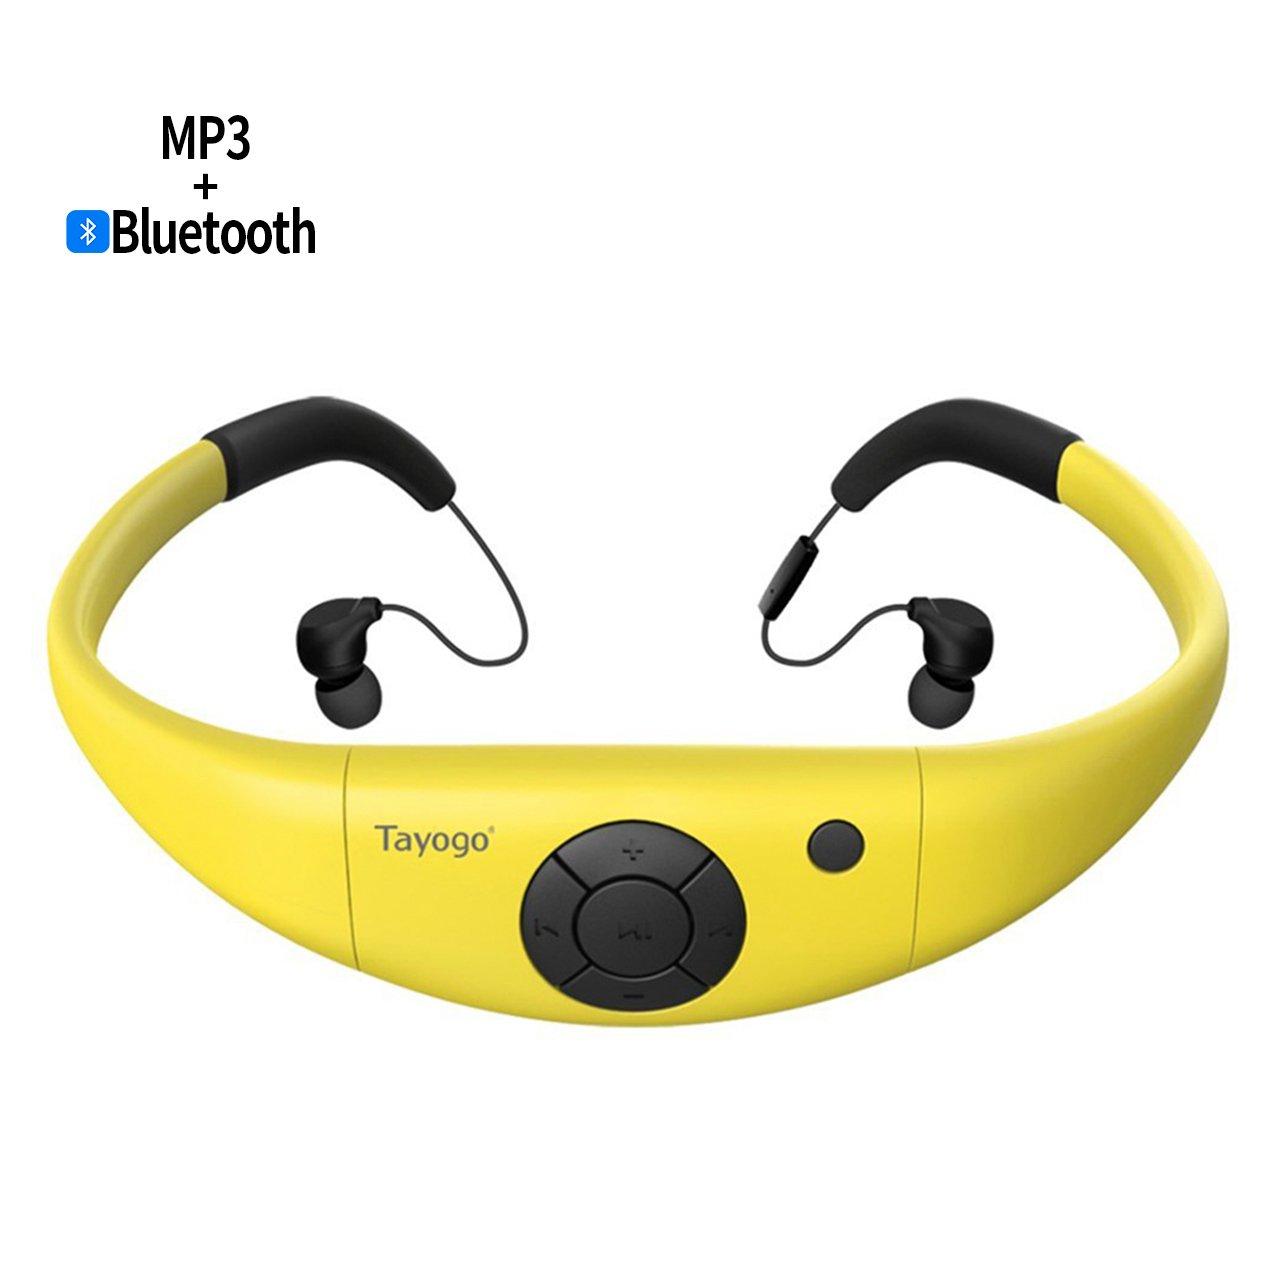 Tayogo Waterproof Swimming Bluetooth Underwater